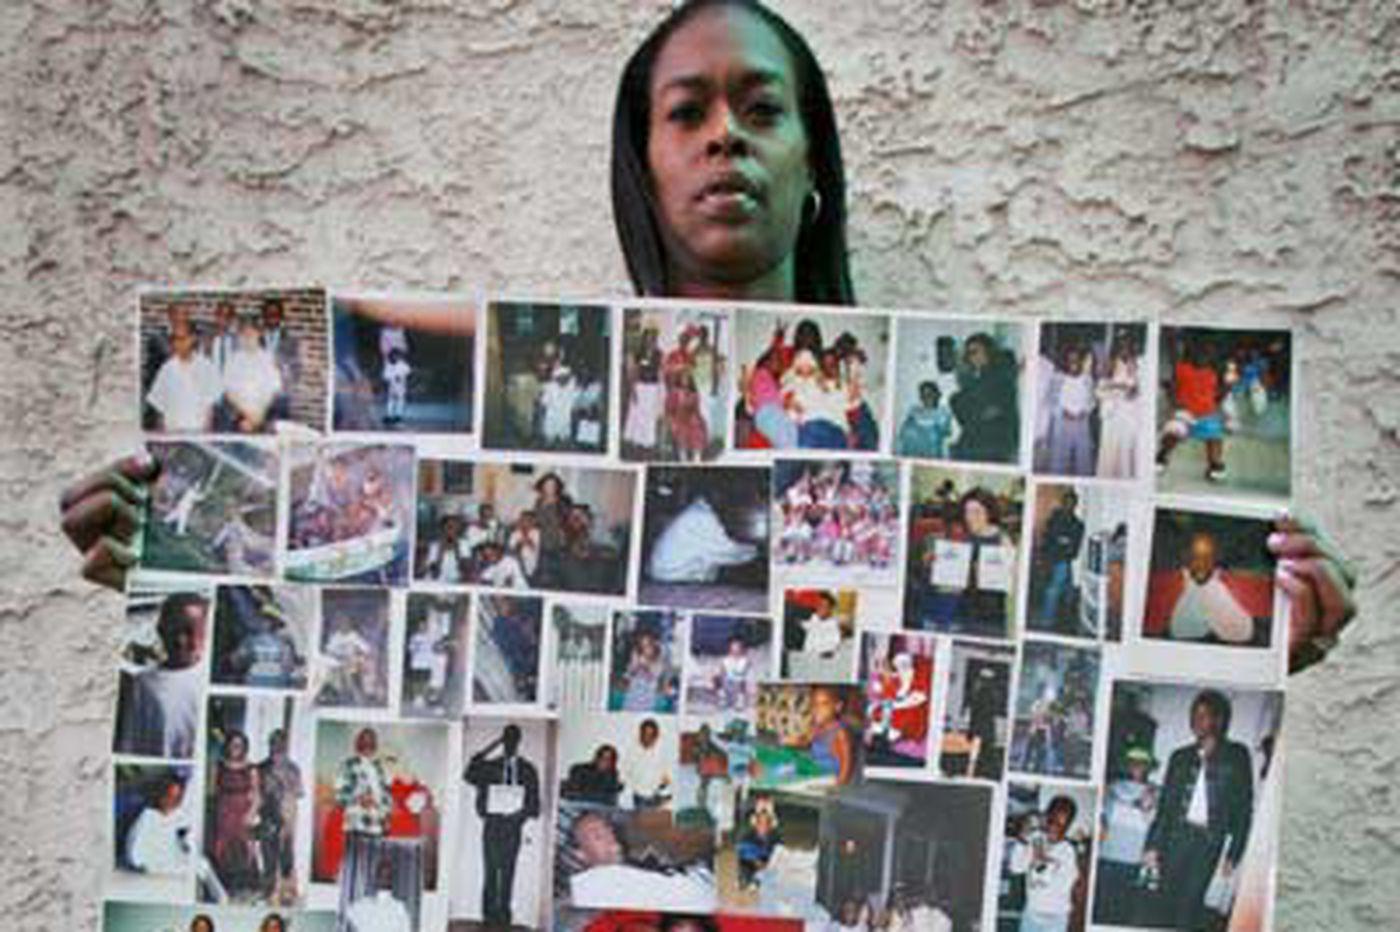 Phila. police arrest suspect in 2007 murder case